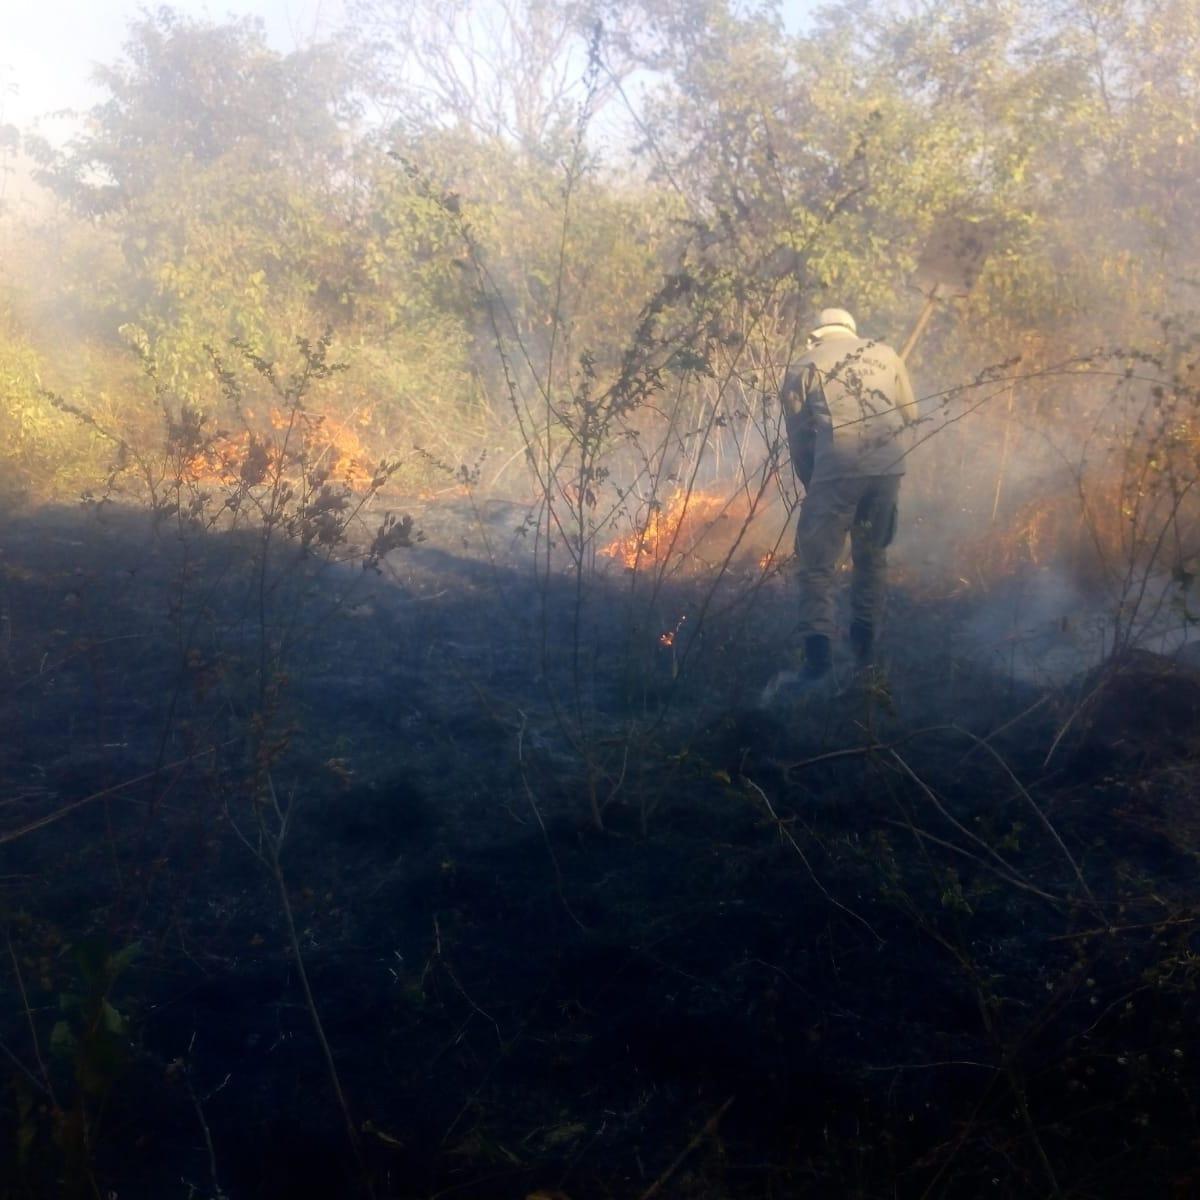 Corpo de Bombeiros evita que casas fossem queimadas por incêndio em vegetação